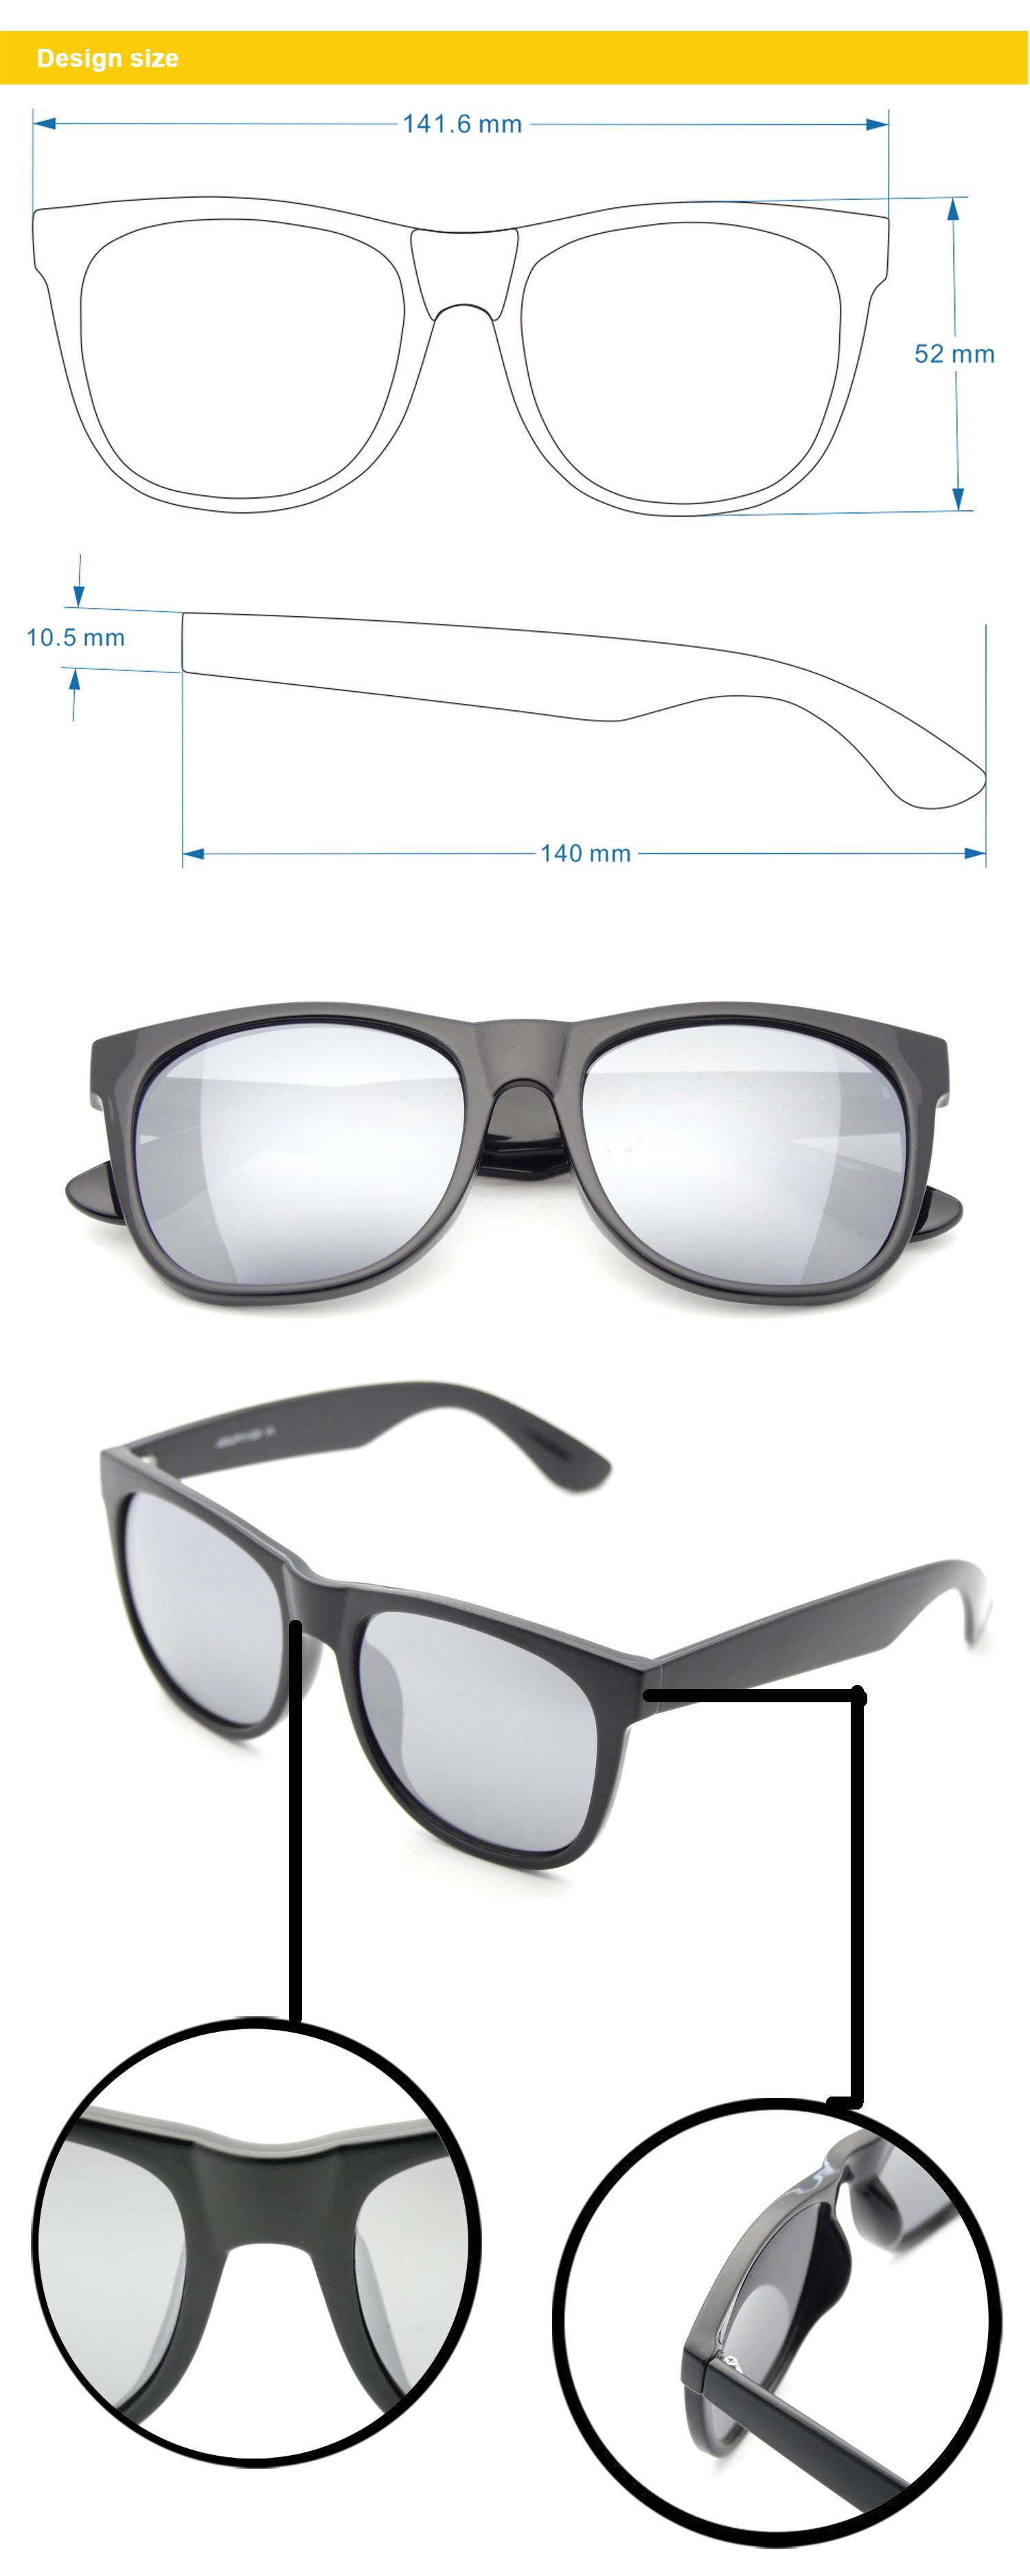 Sonnenbrillen von Top Marken günstig online kaufen | Apollo